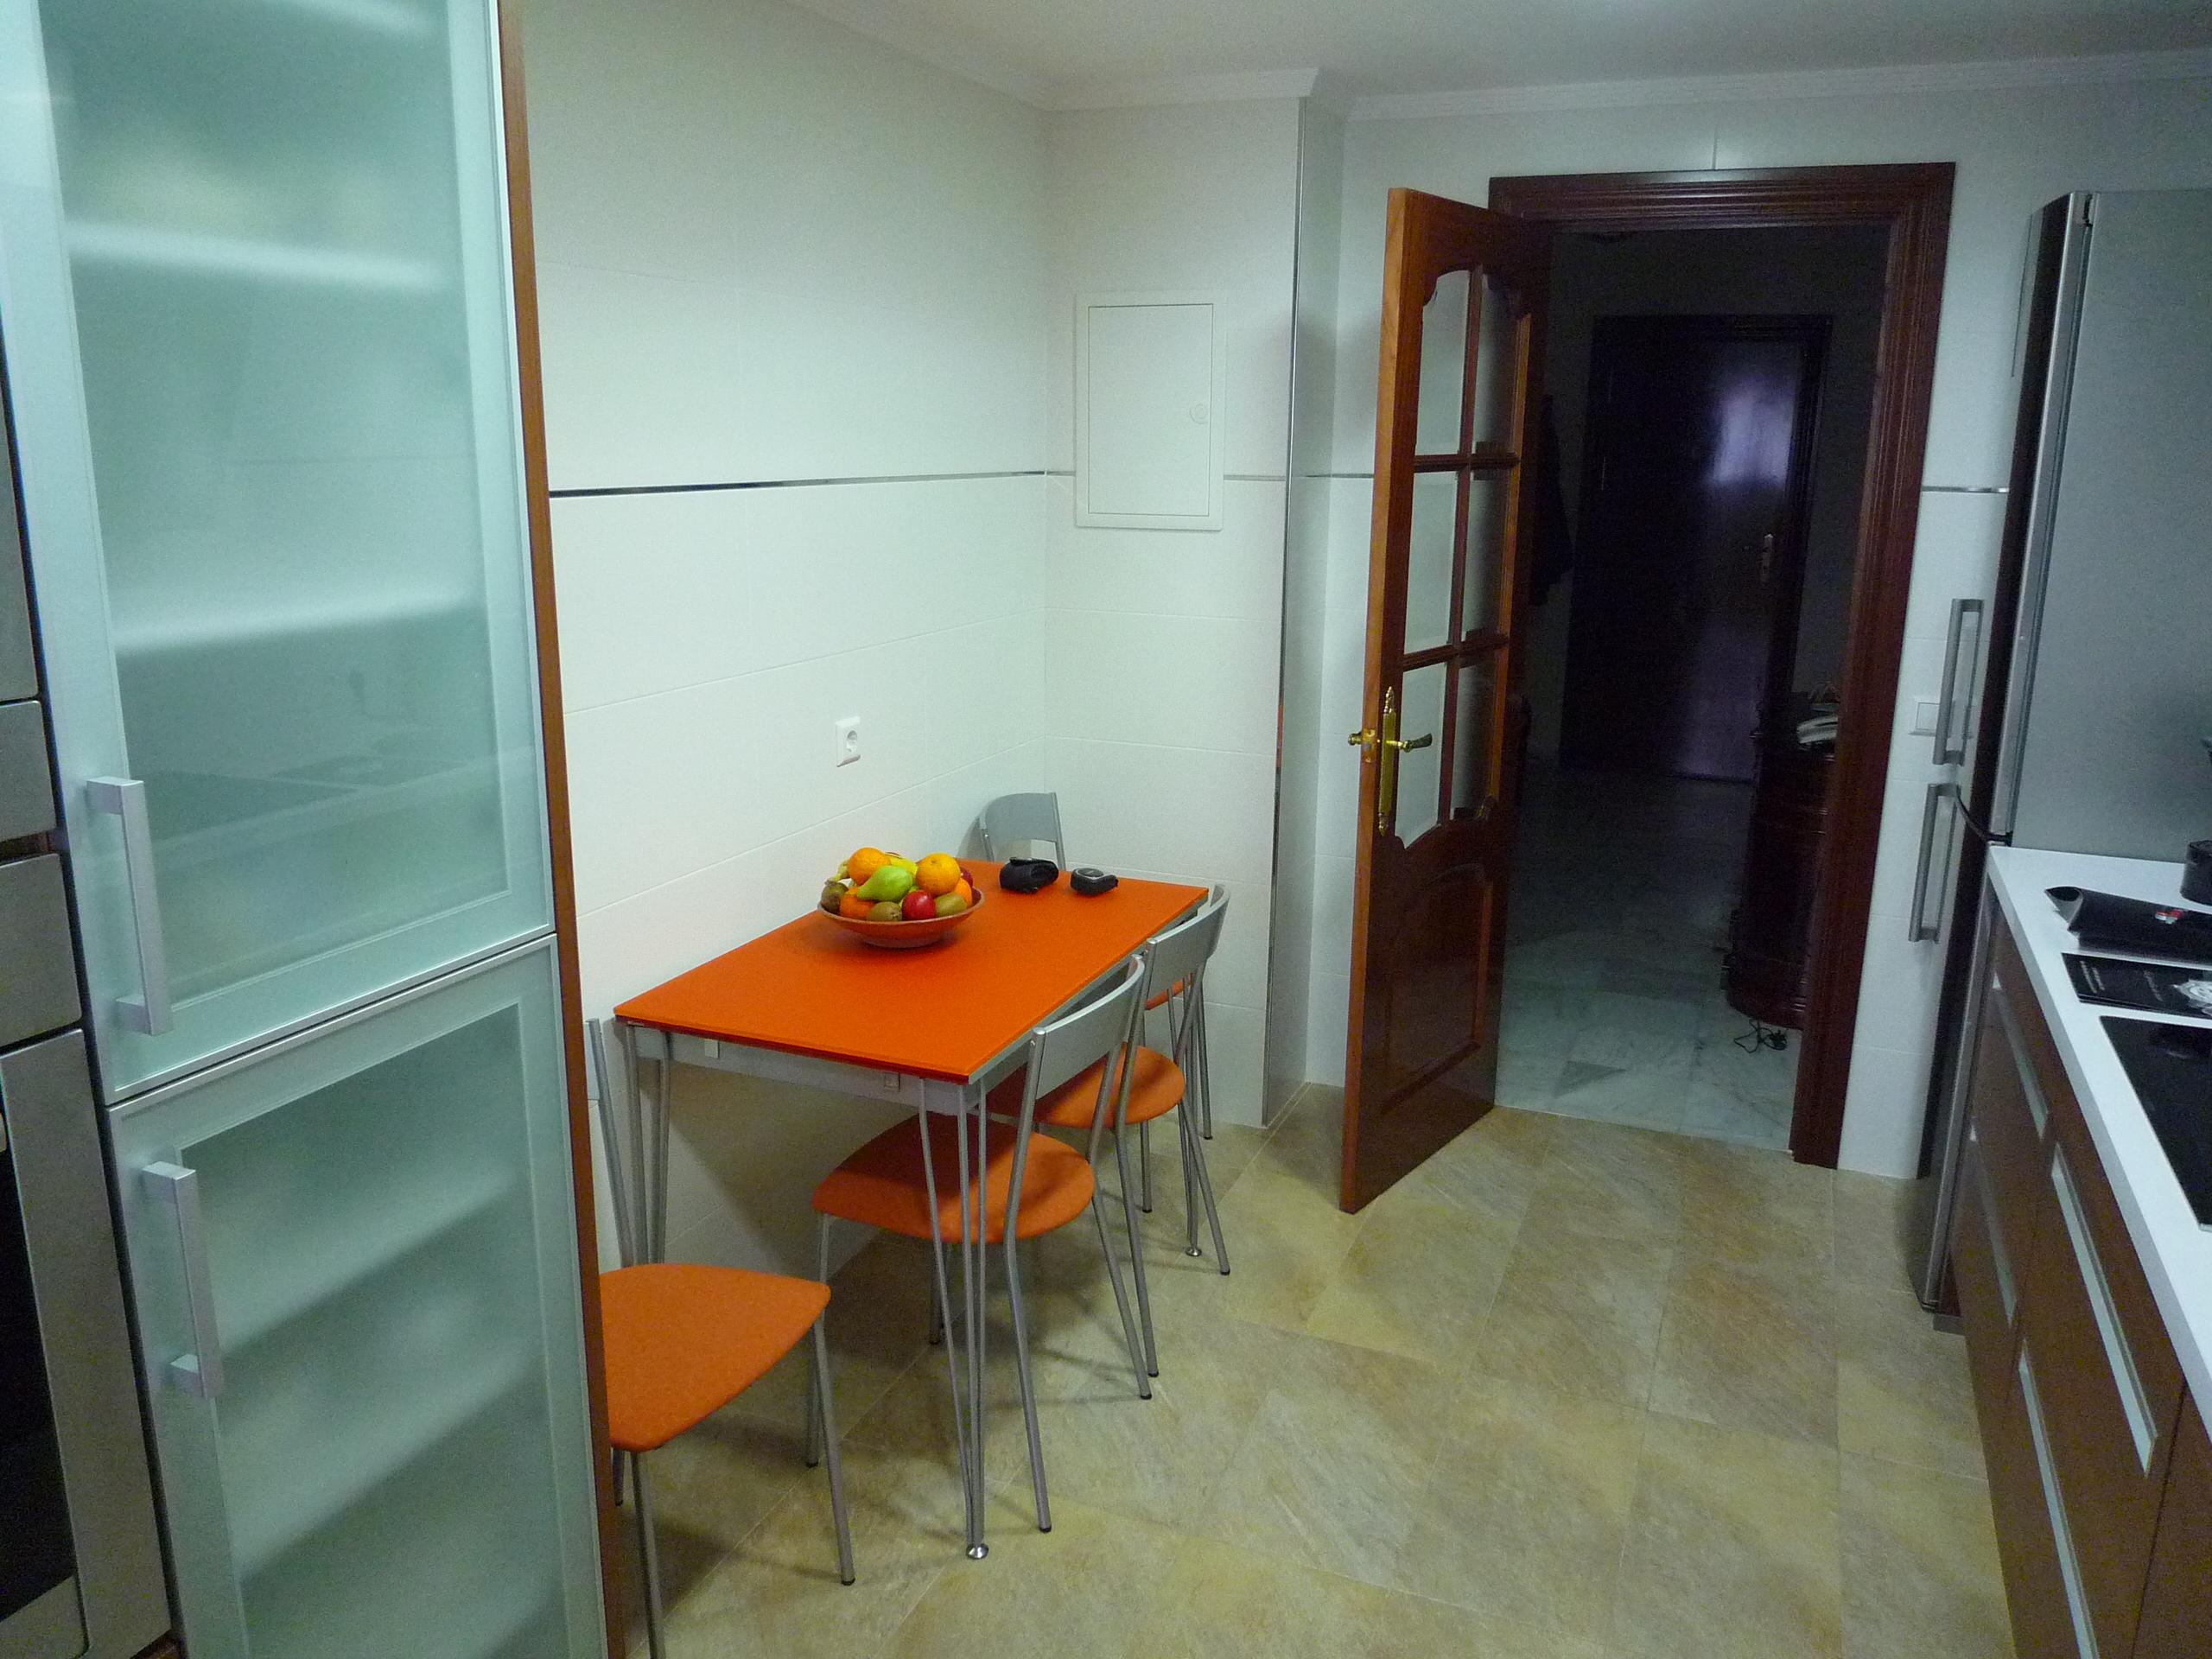 Espacio para comer en la cocina nolte cocinas - Nolte cocinas ...